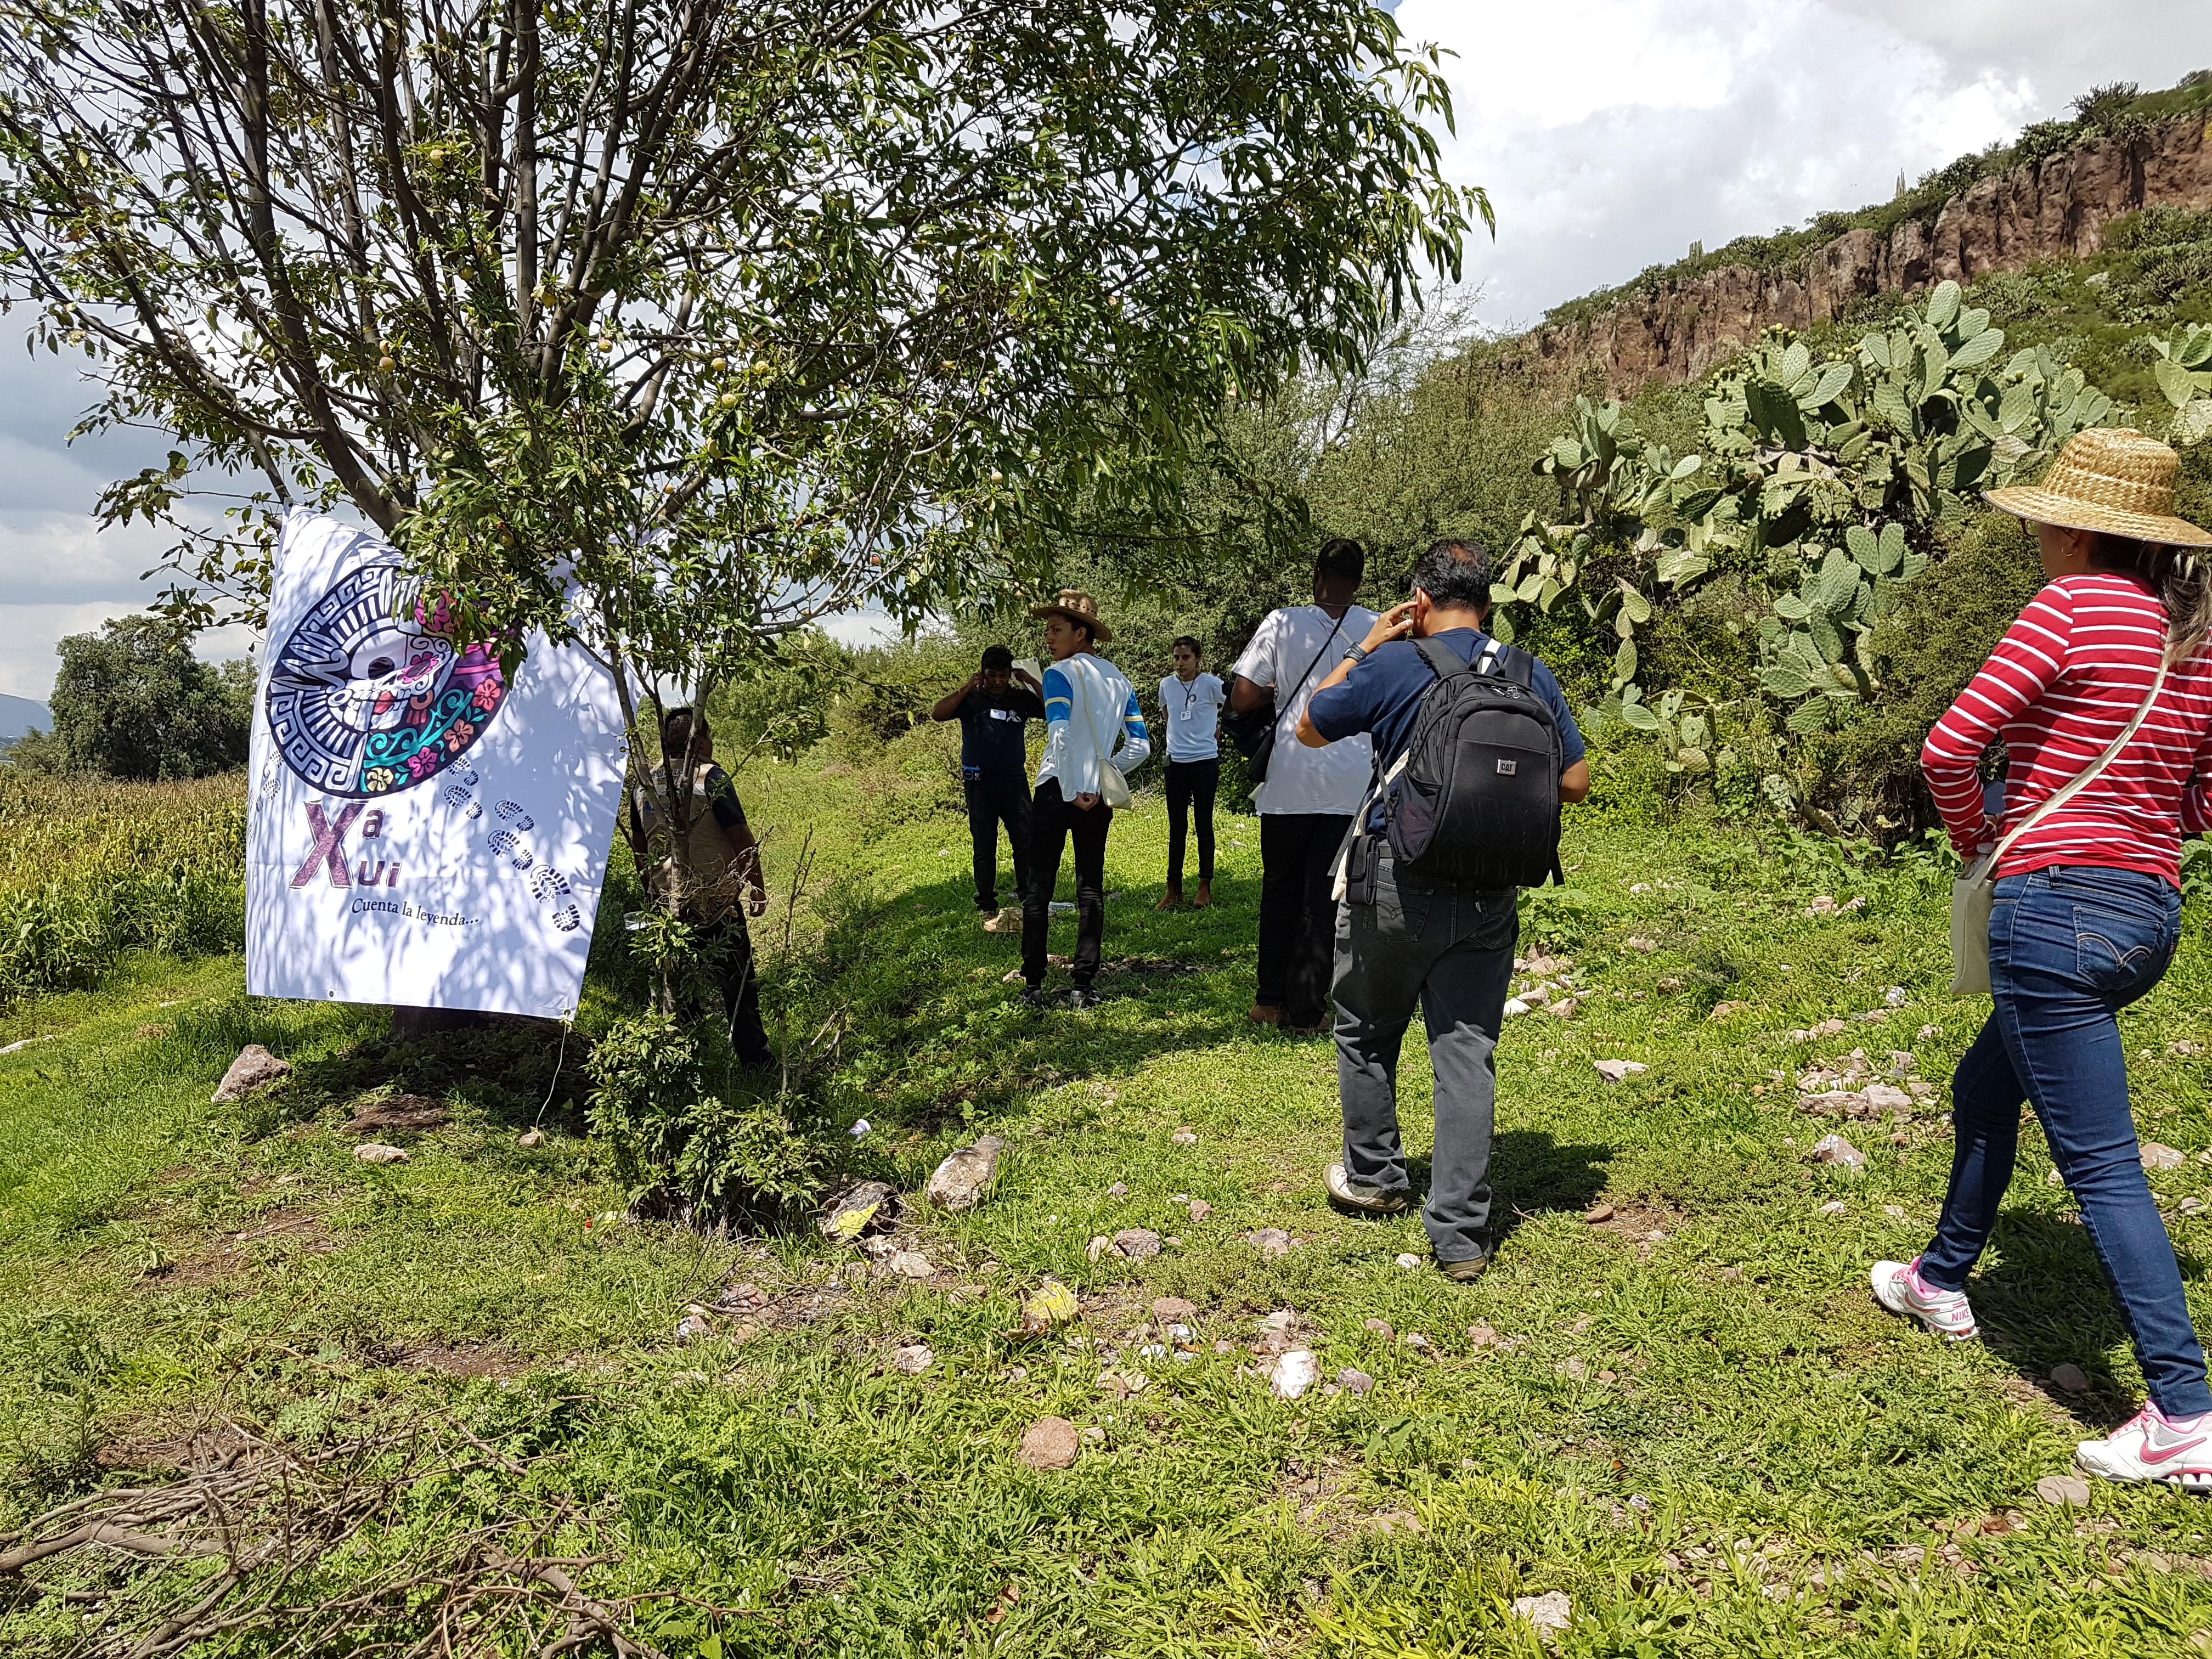 ESTUDIANTES DE LA UNIDAD ACADÉMICA TEZONTEPEC UTVM PRESENTAN PROYECTO INTEGRADOR